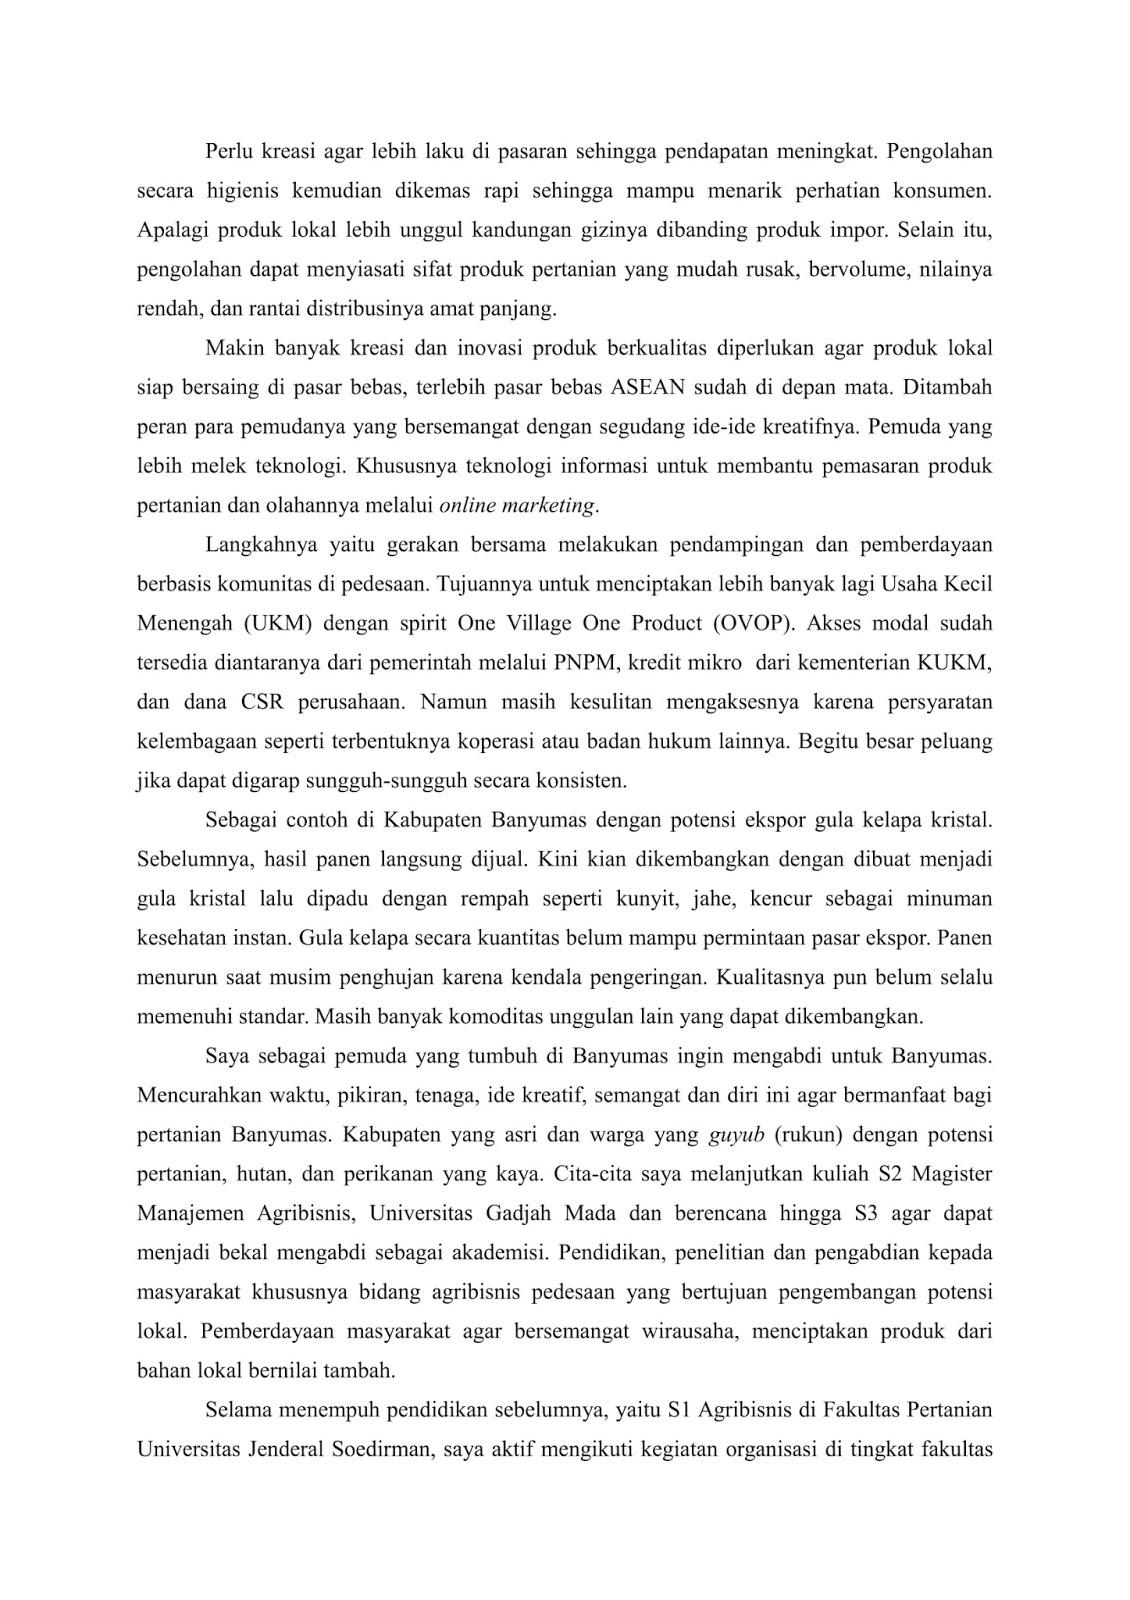 essay peranku bagi indonesia dan sukses terbesar dalam hidupku